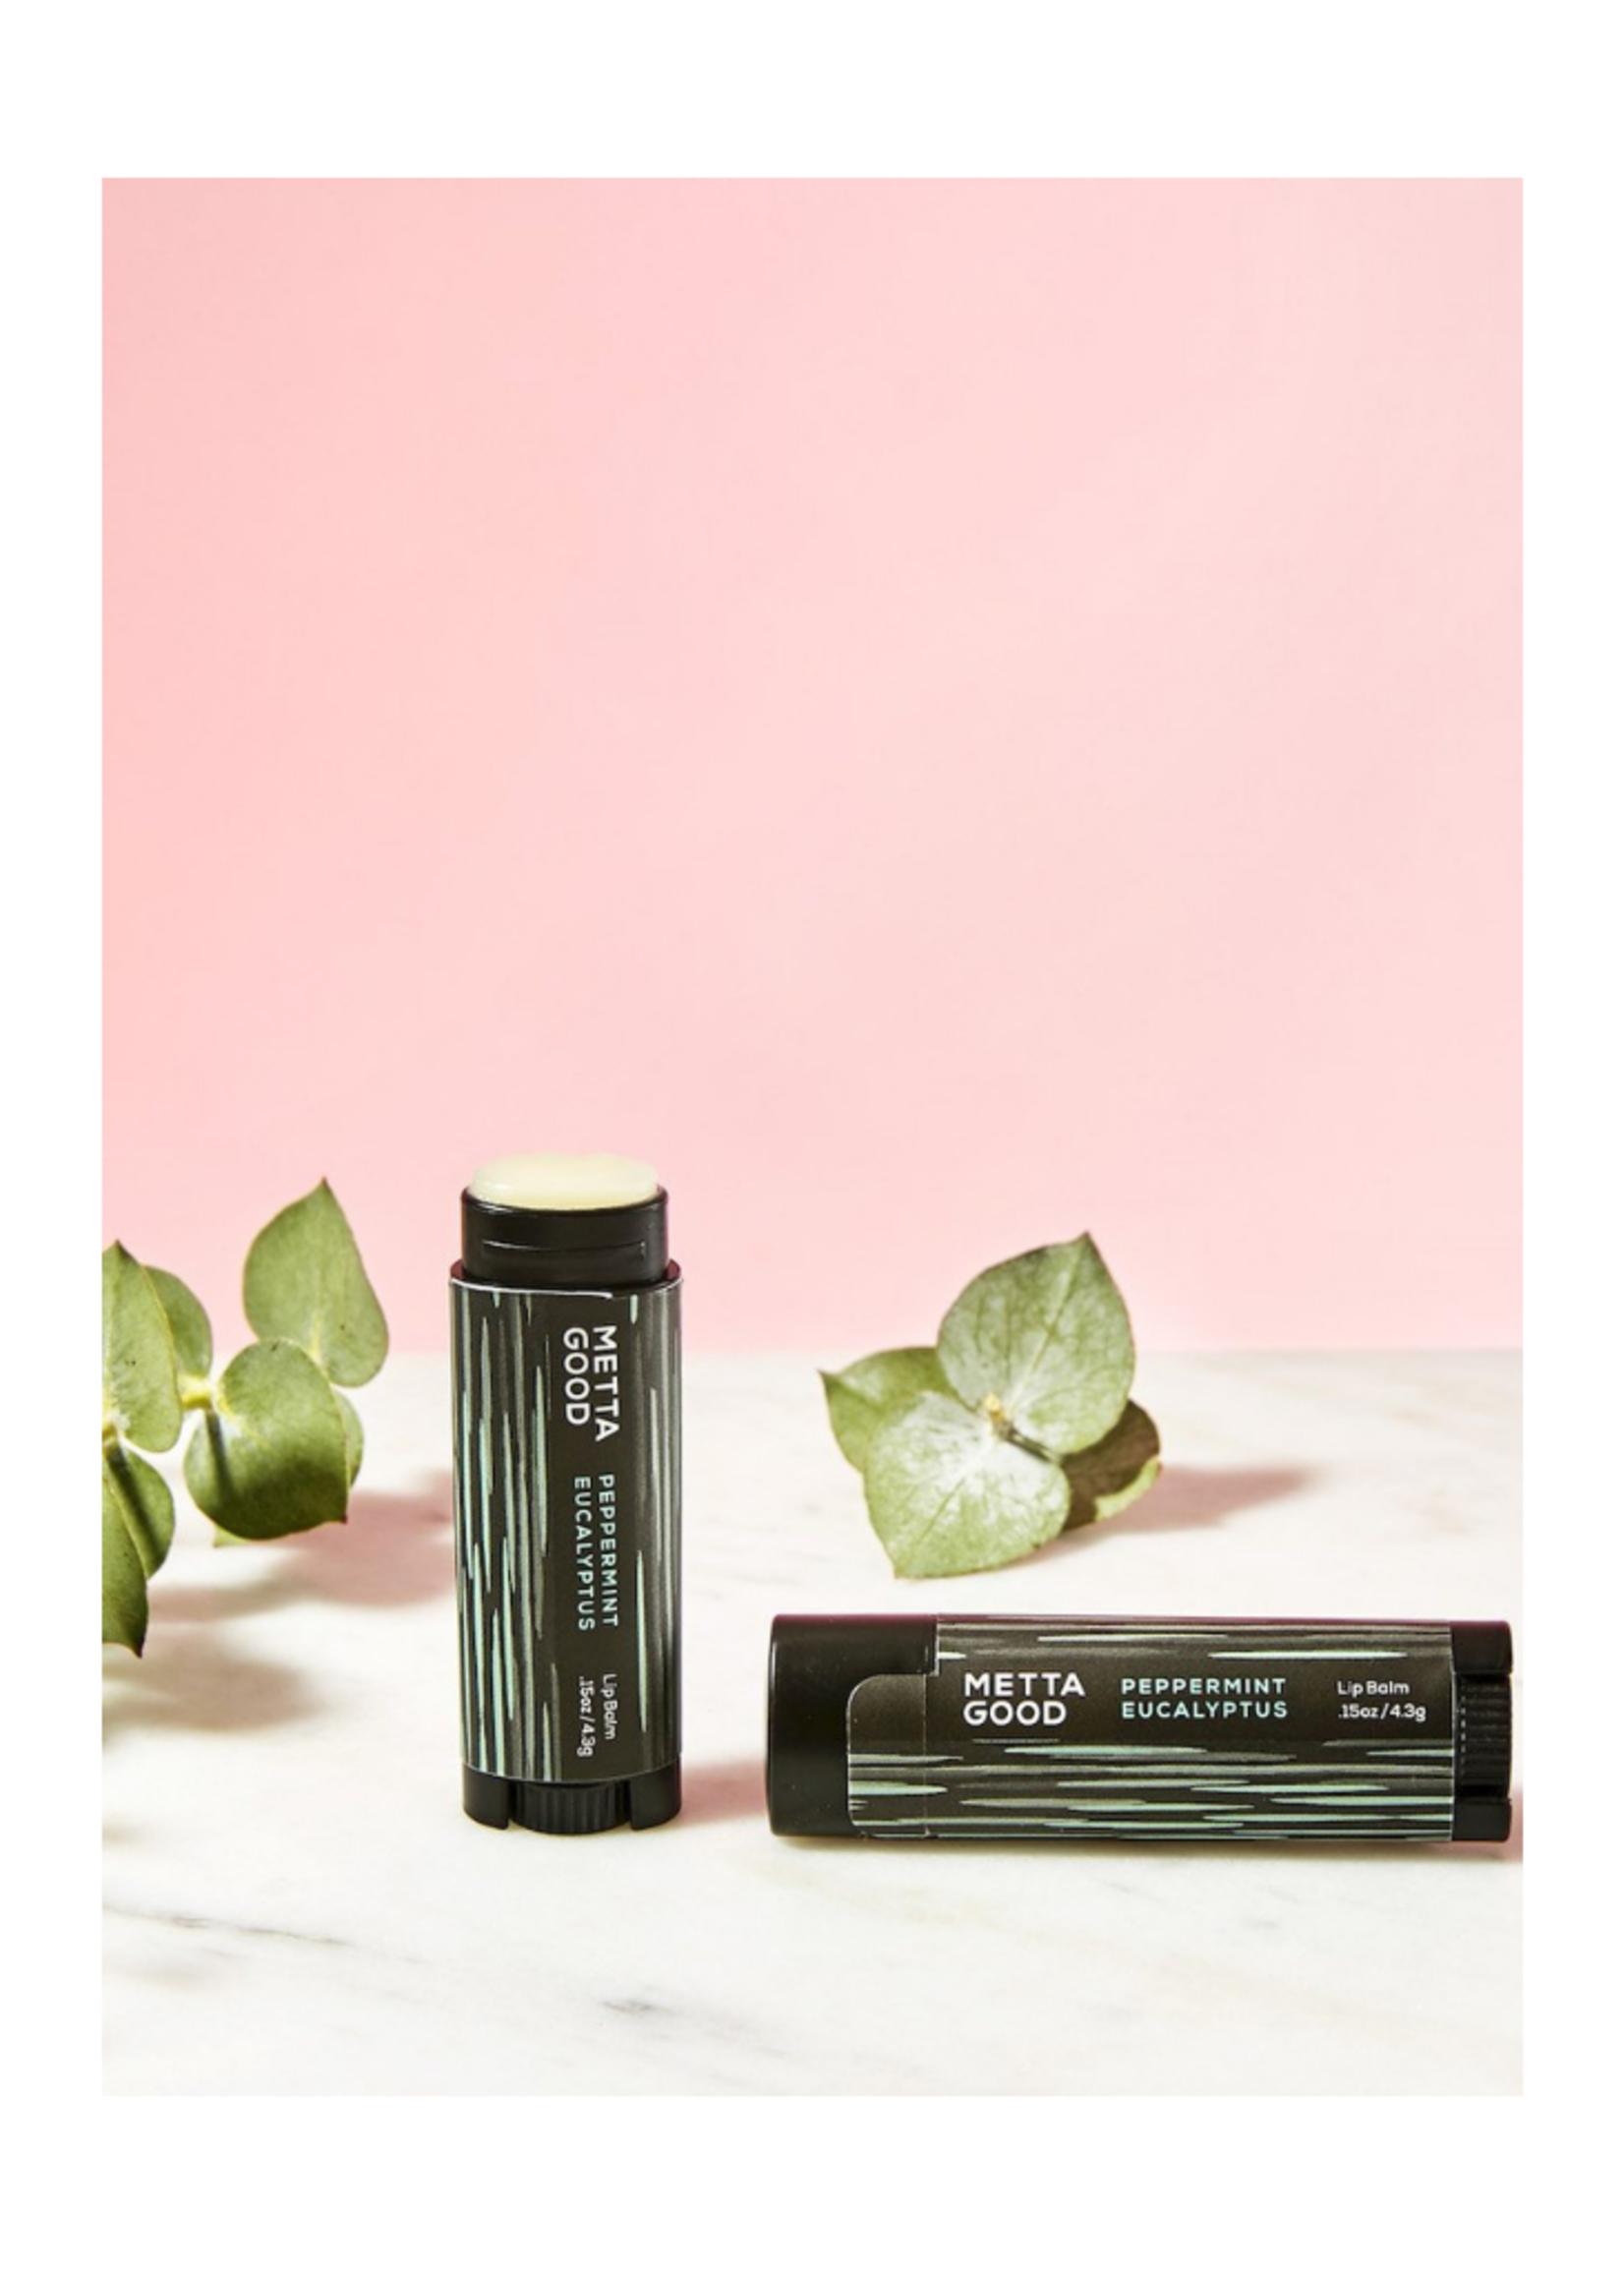 Metta Good Natural Lip Balm - Peppermint Eucalyptus